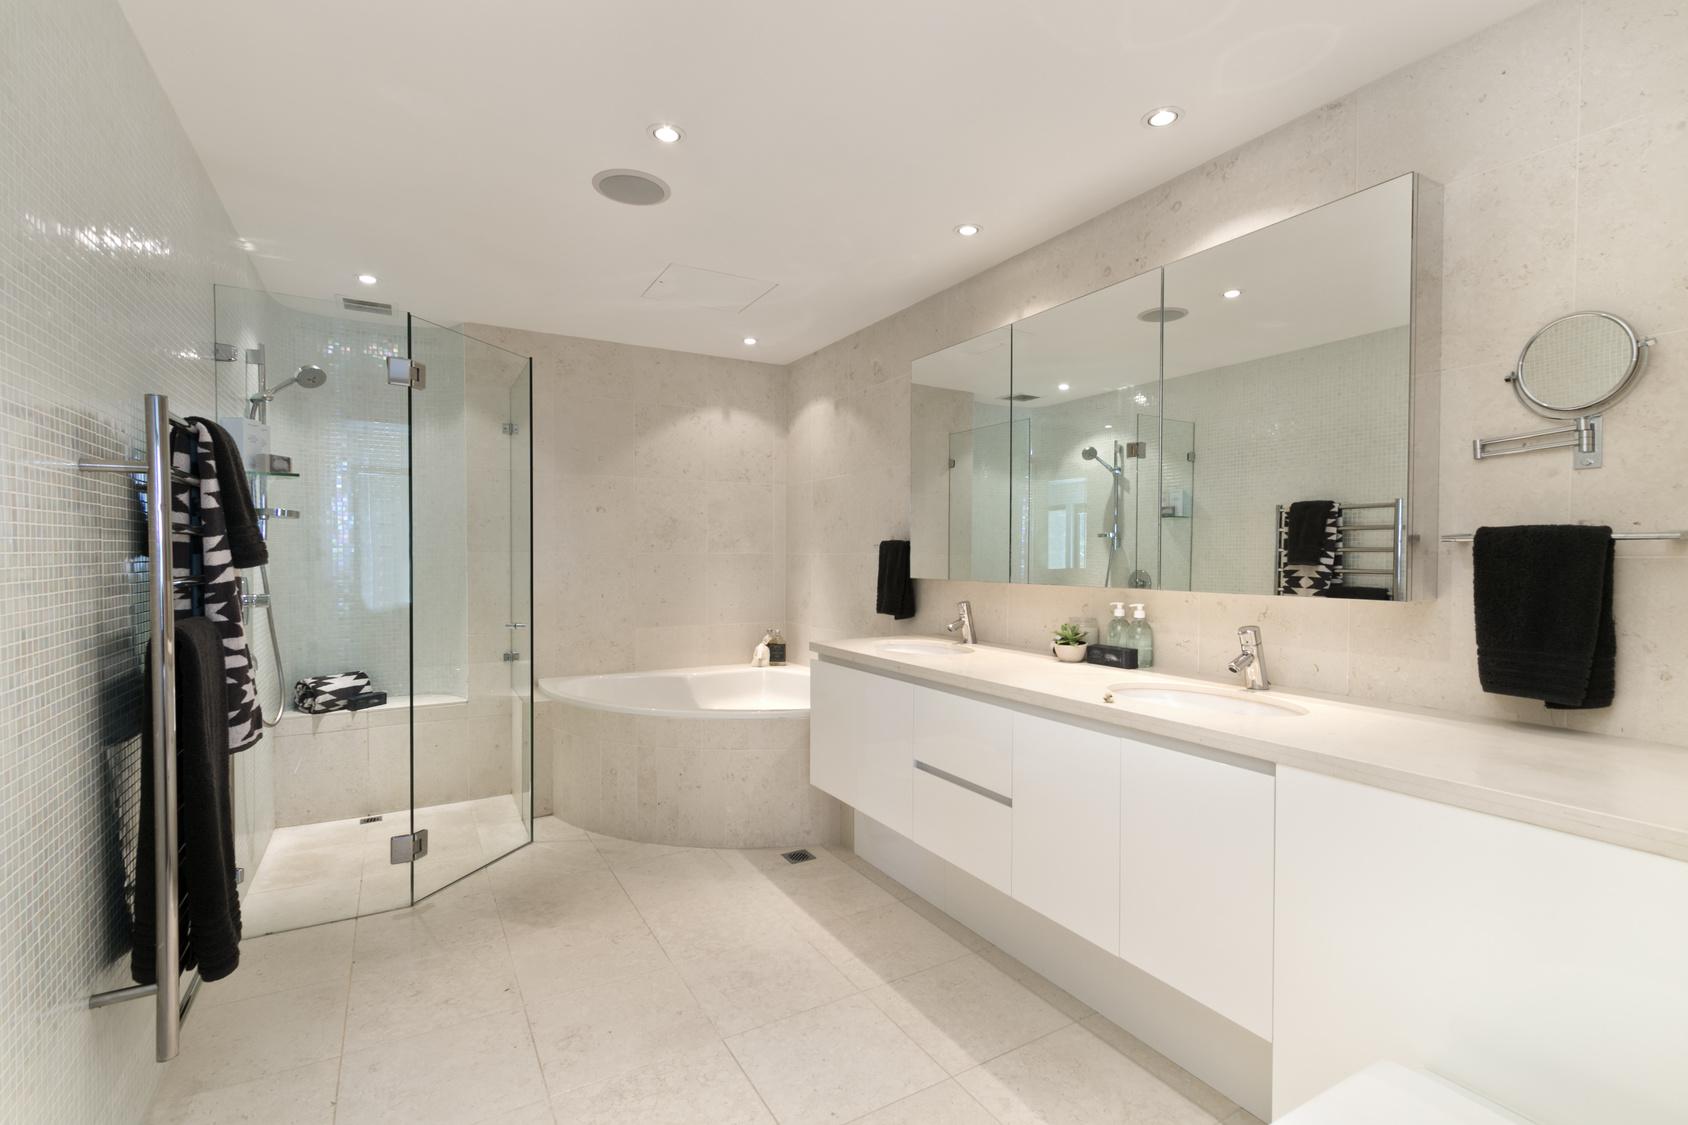 Bringen Sie den Stil, Komfort und Luxus in Ihr Badezimmer!